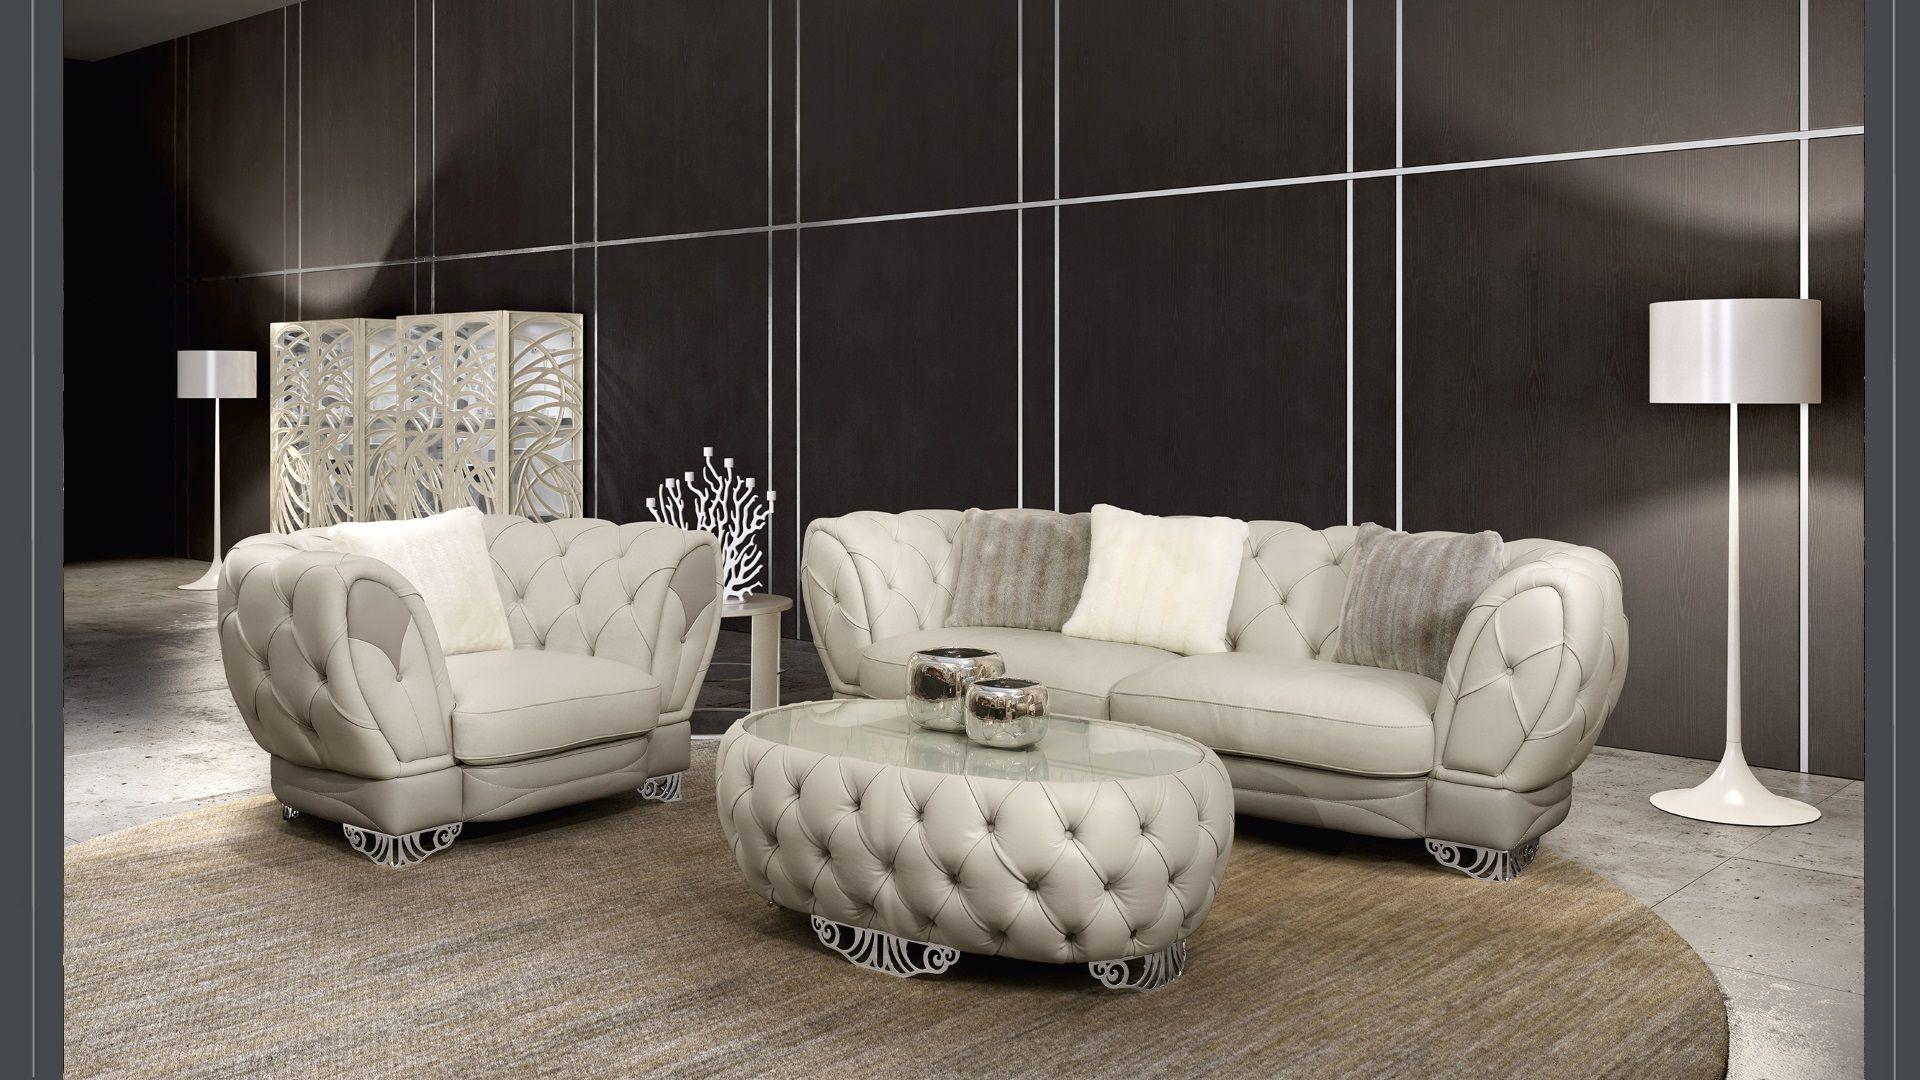 divani in pelle moderni divani moderni particolari